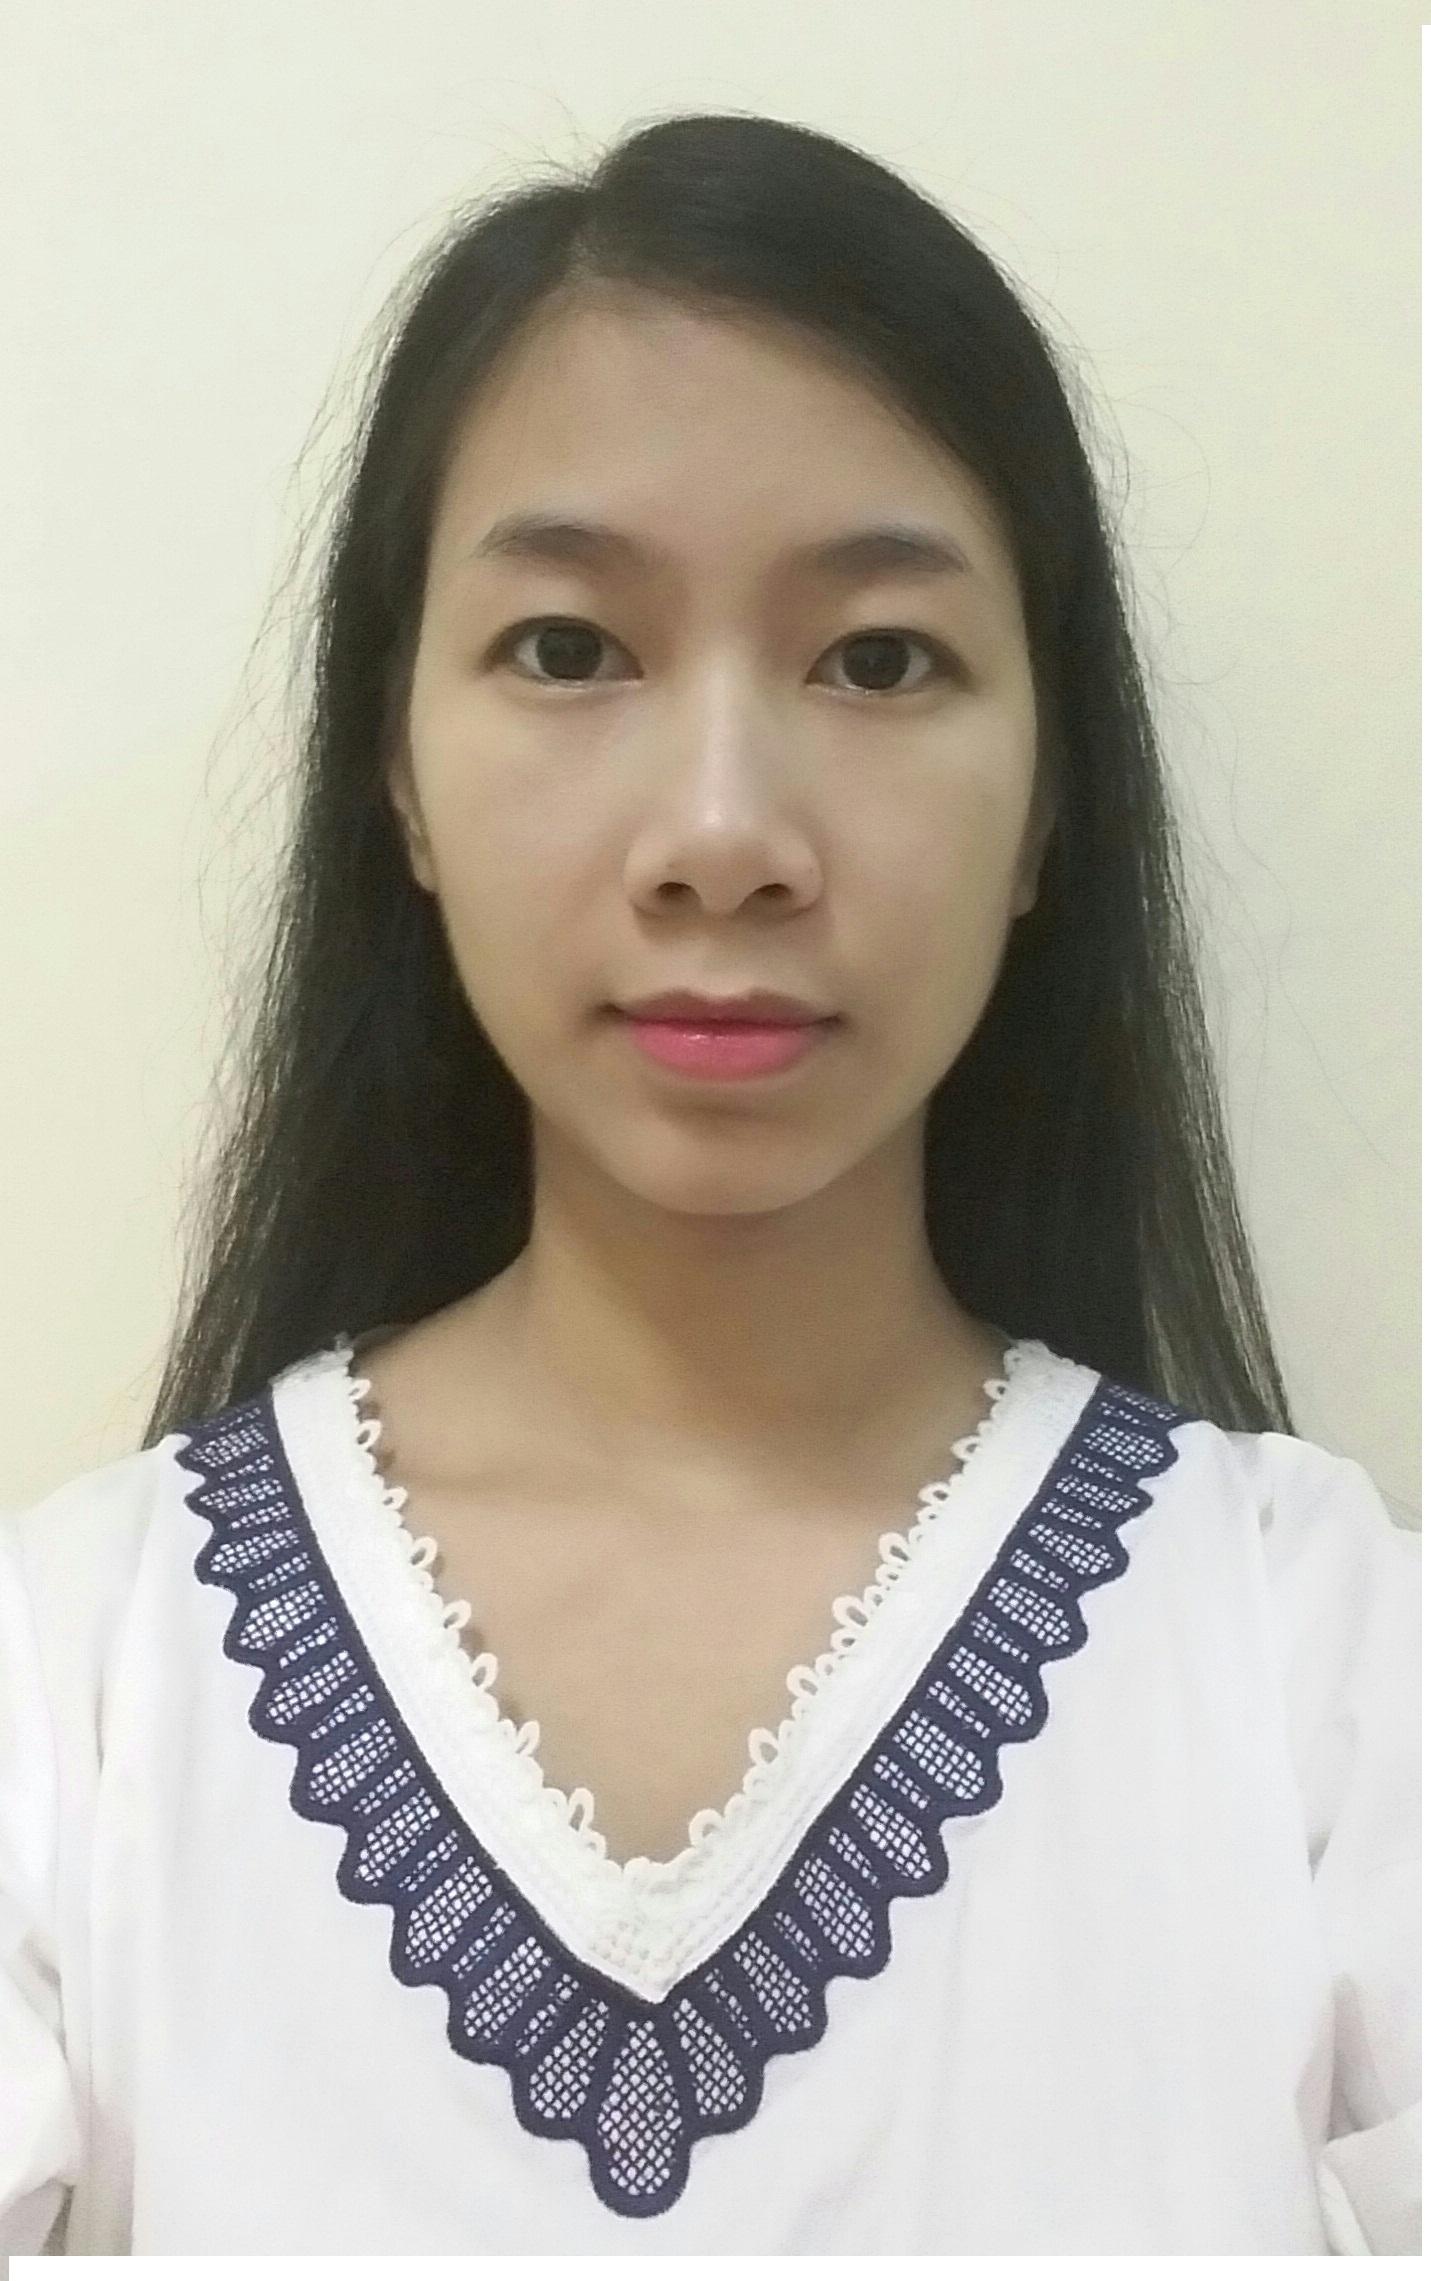 Nguyễn Thị Hải Vân